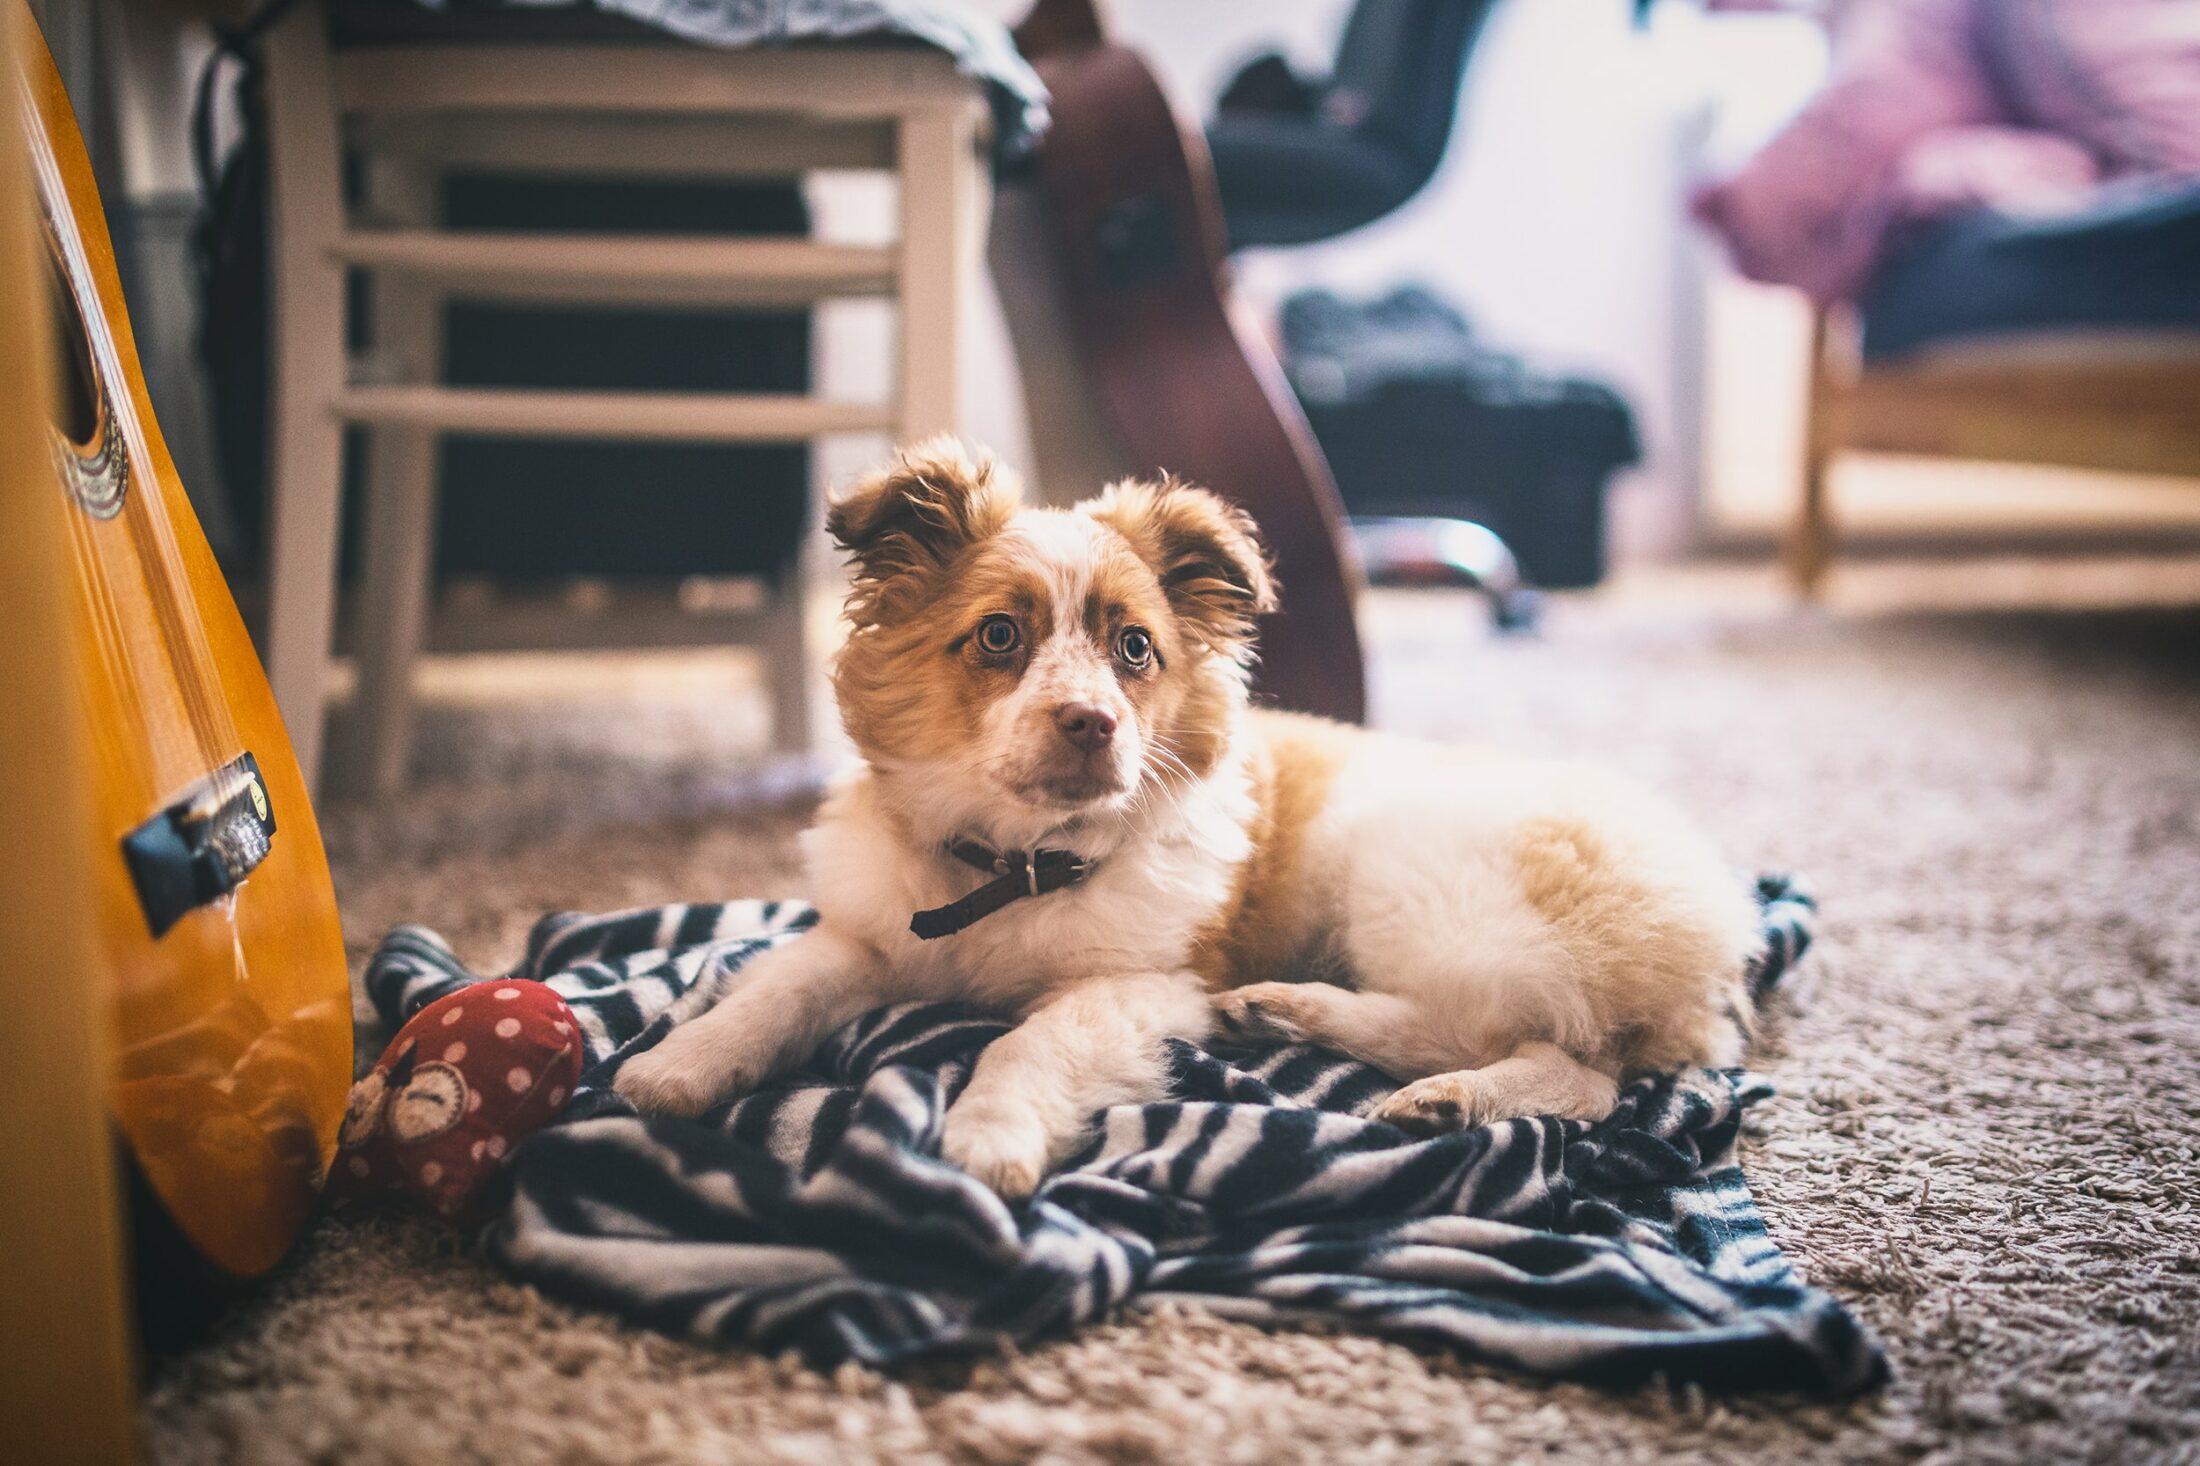 cachoror deitado na manta no chão